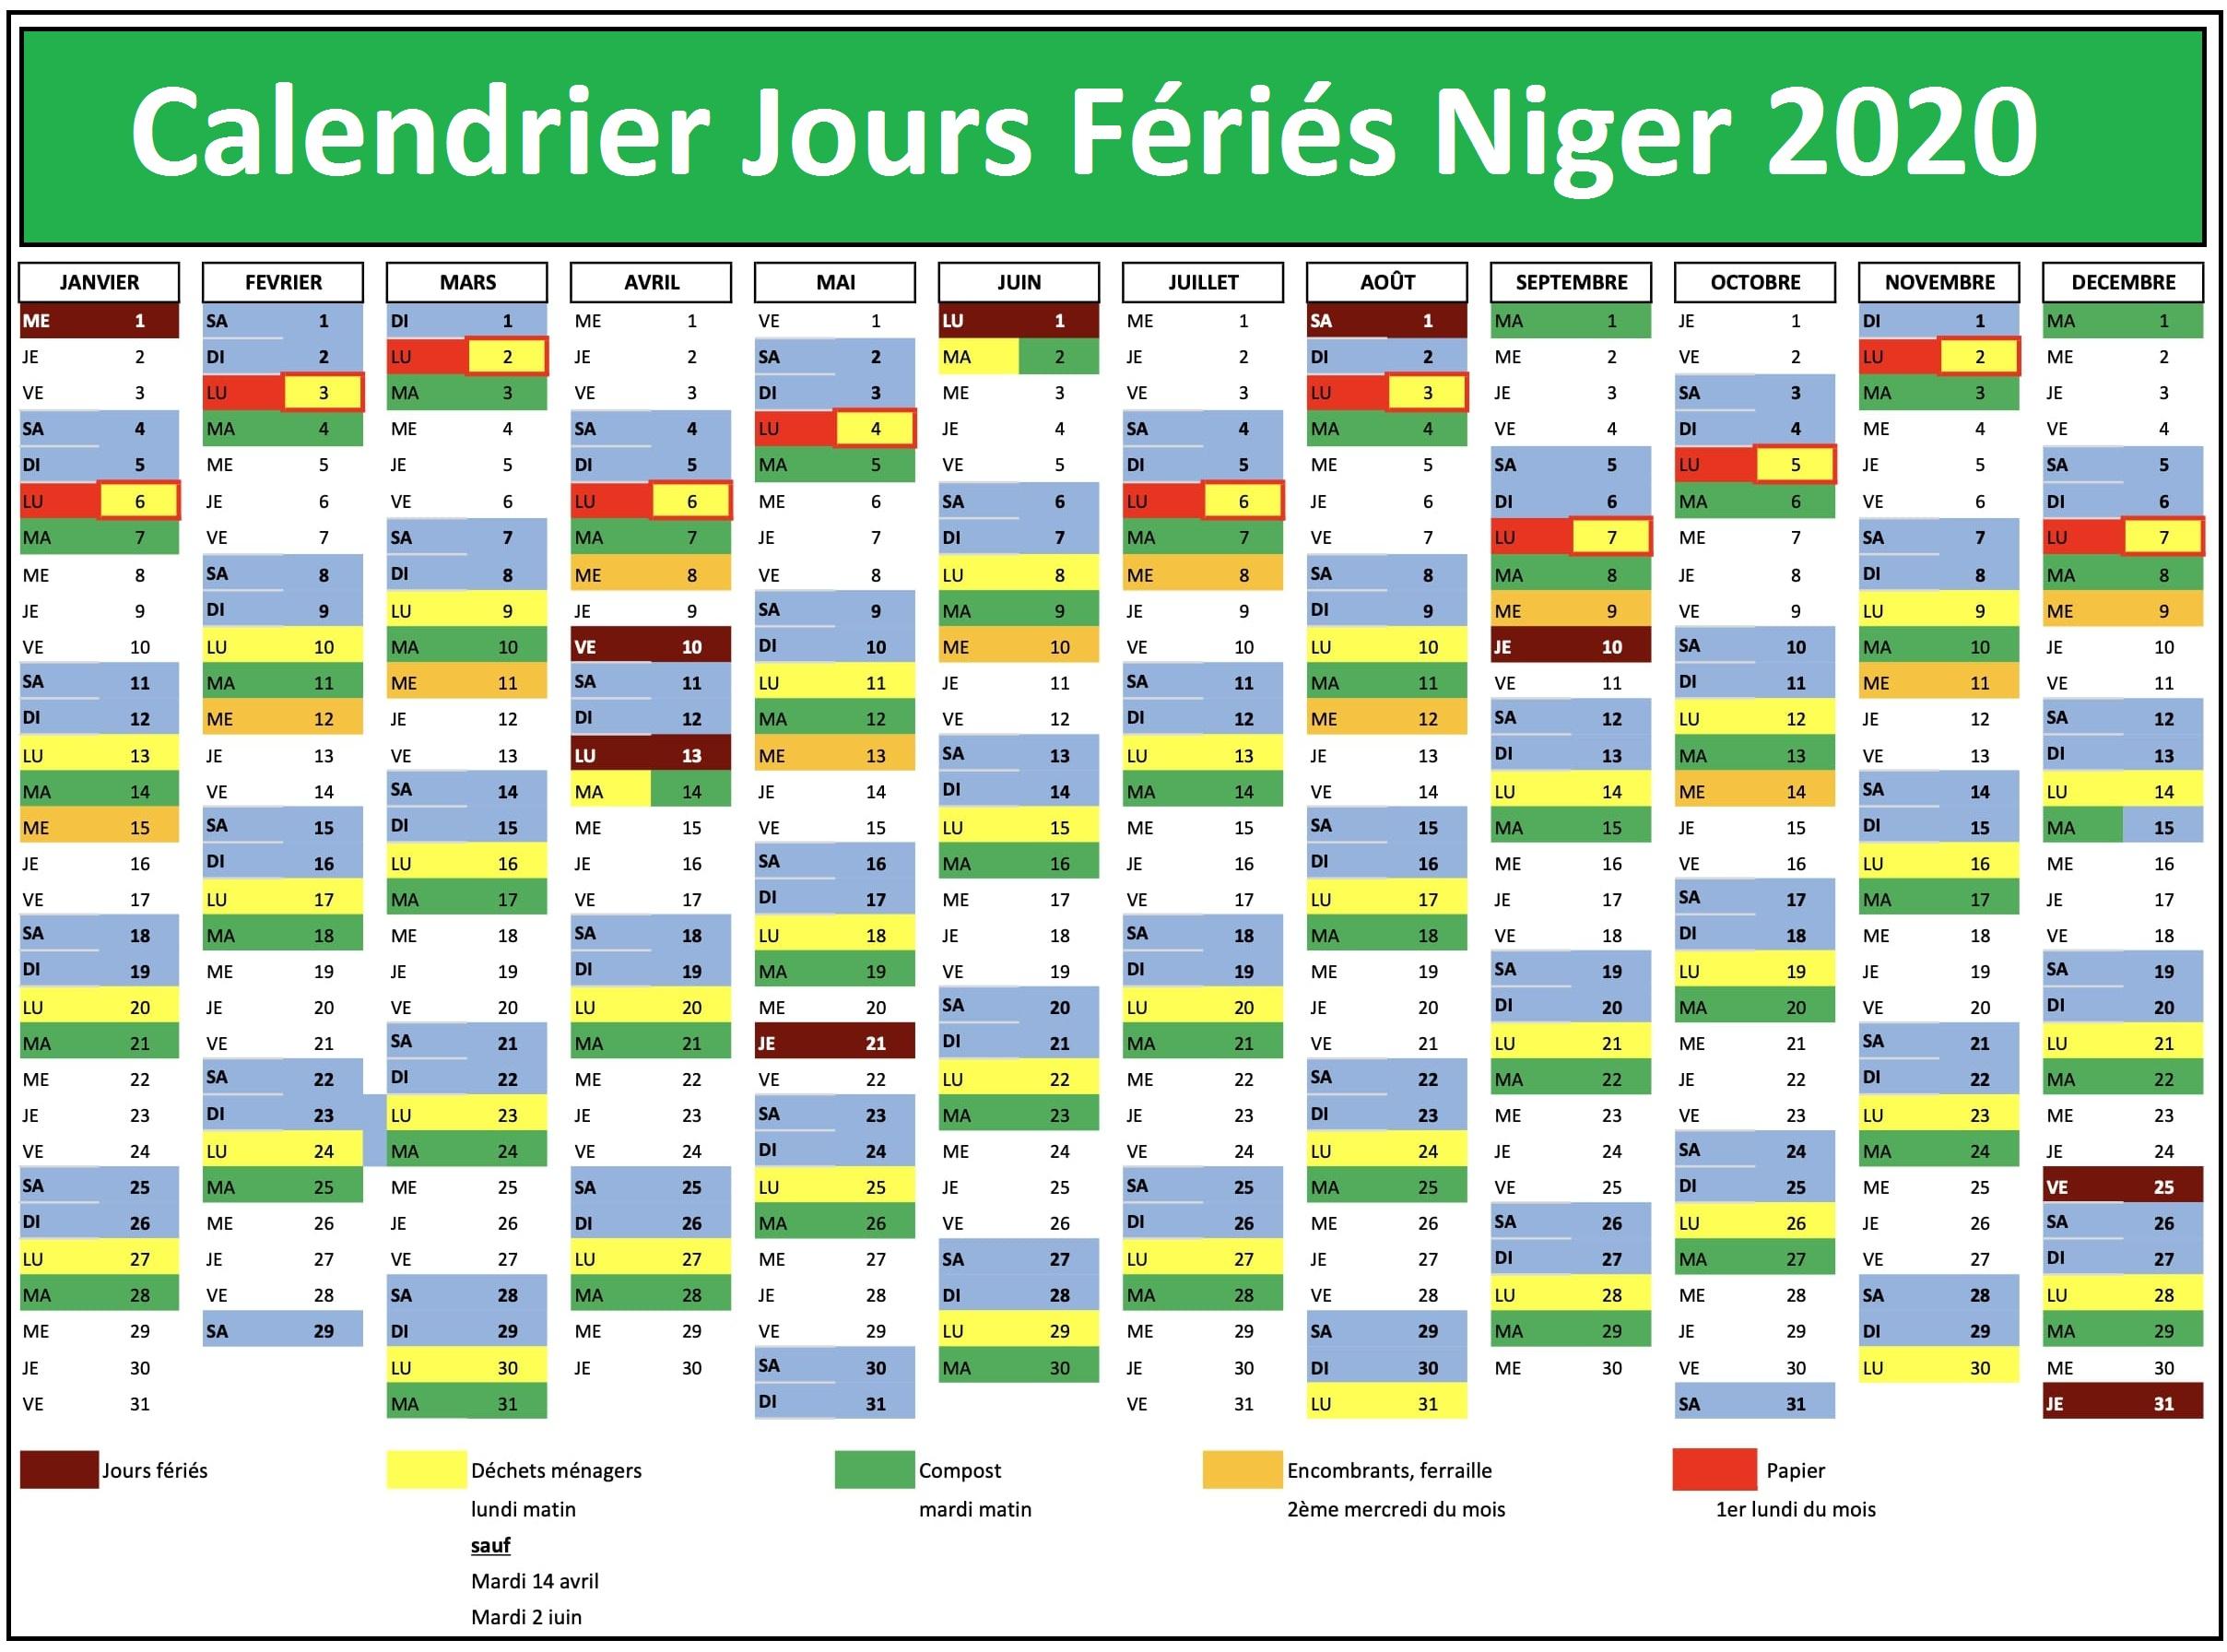 Les Jours Fériés Au Niger 2020